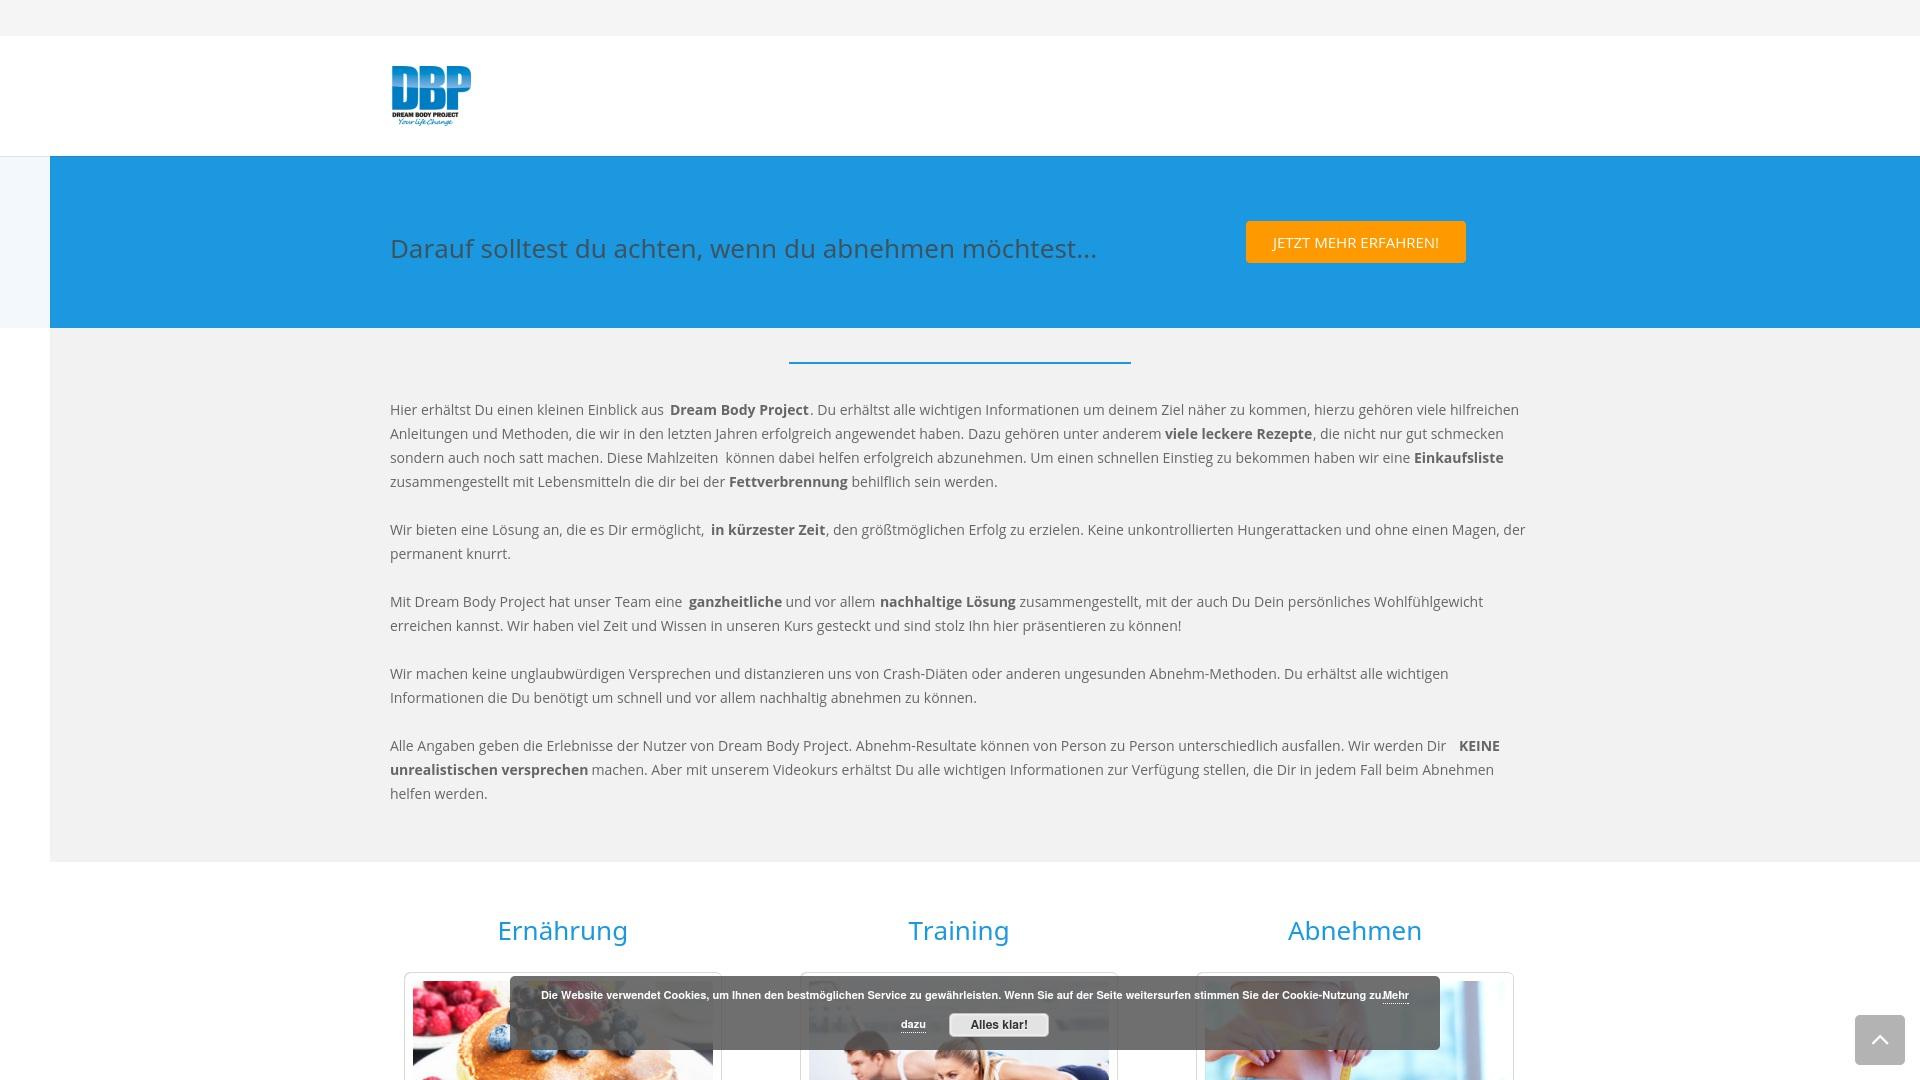 Gutschein für Dreambodyproject: Rabatte für  Dreambodyproject sichern